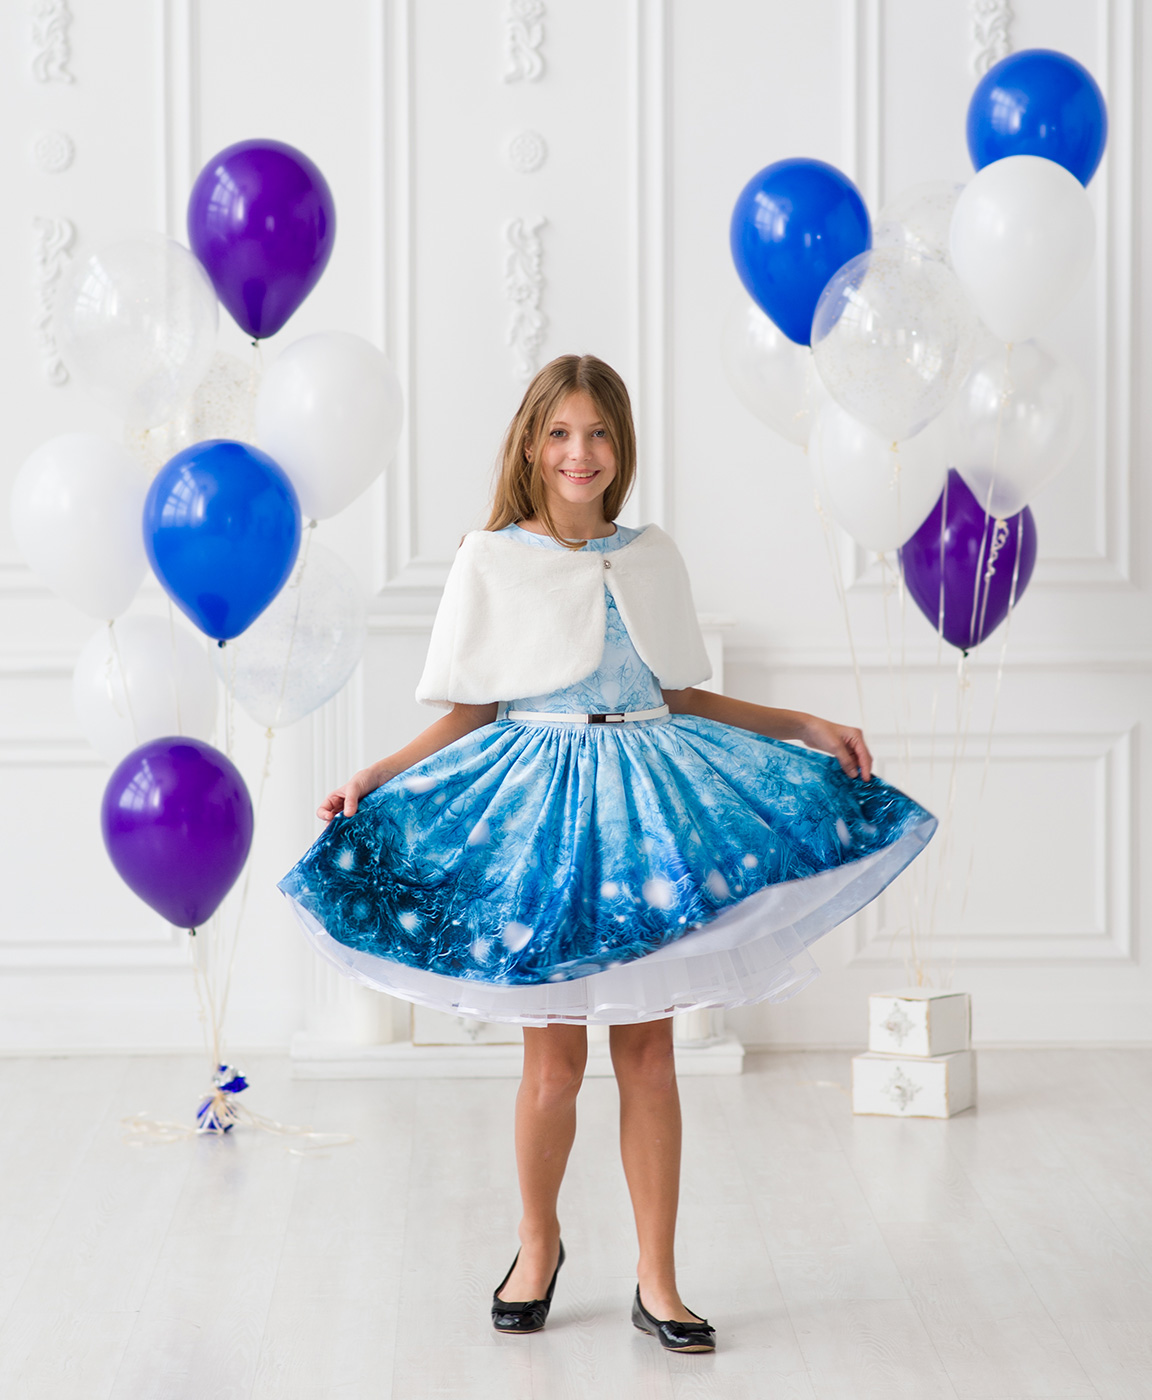 3339a6754 Нарядное платье для девочек. Нарядные платья от модного бренда детской  одежды Красавушка ...